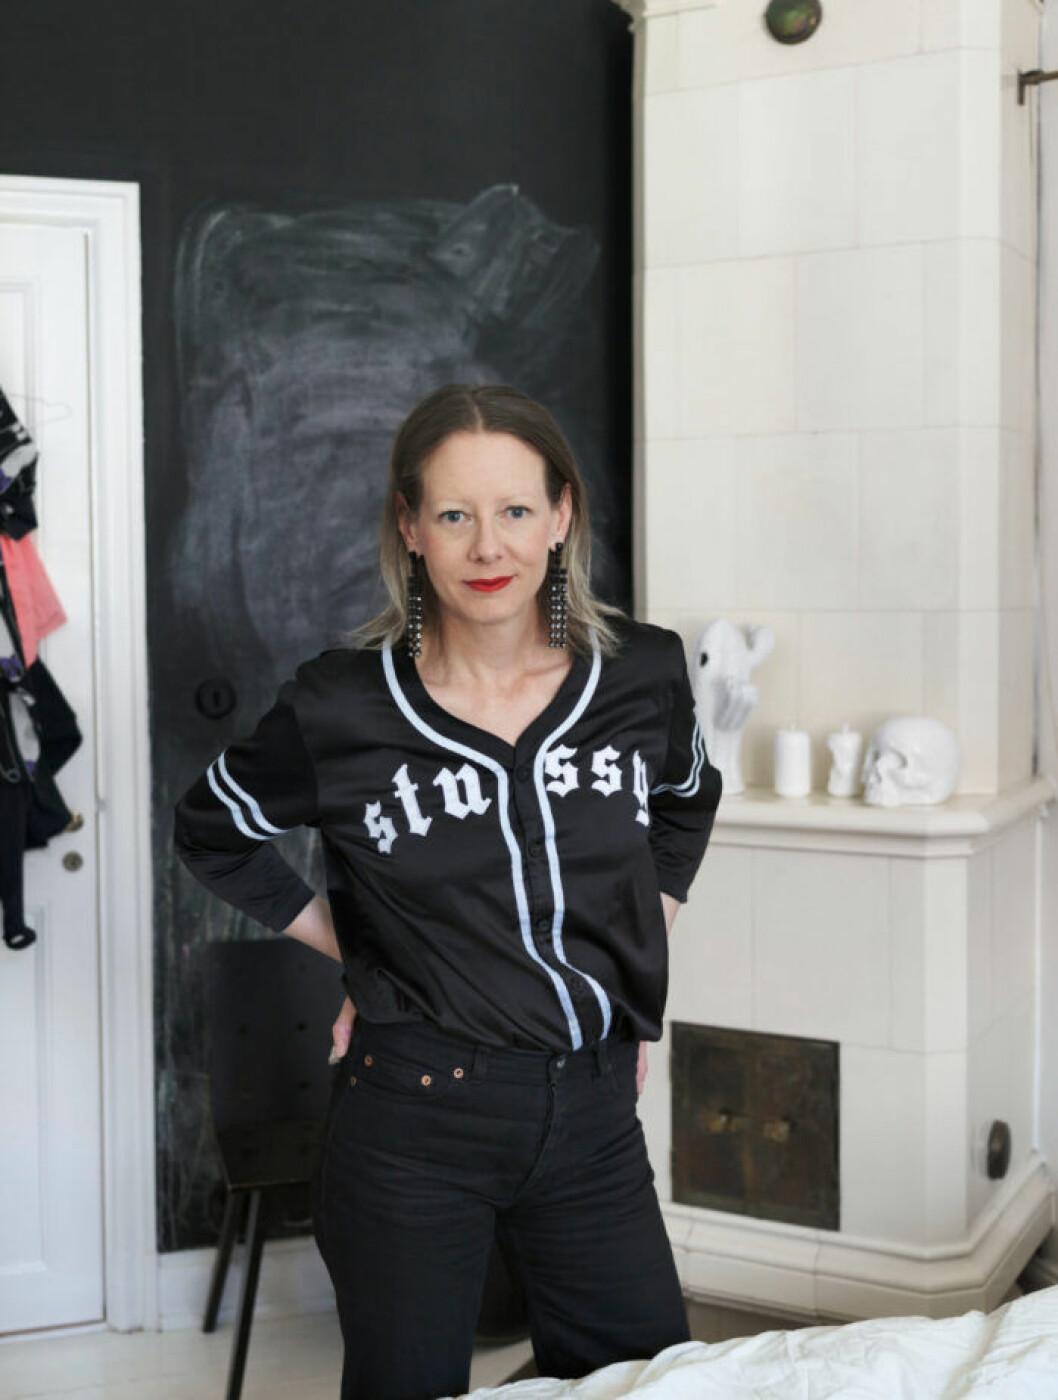 Els-Marie Enbuske i sin lägenhet i Stockholm